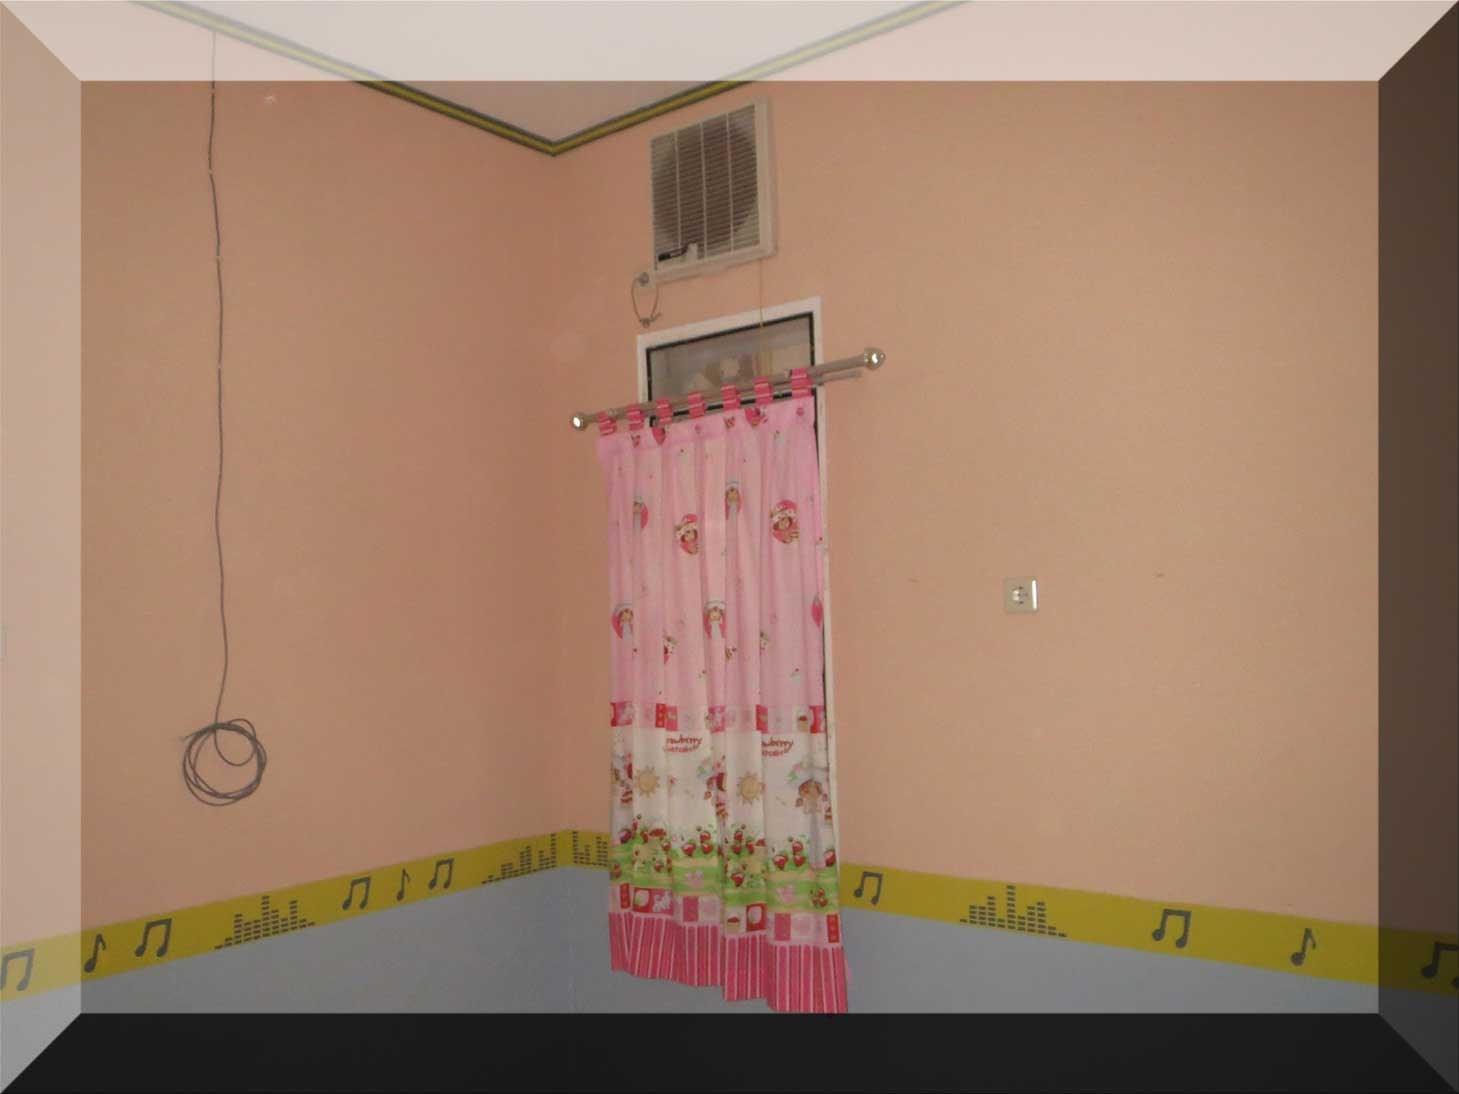 Biaya Notaris Jual Beli Rumah Di Bogor - Ufc Stream m